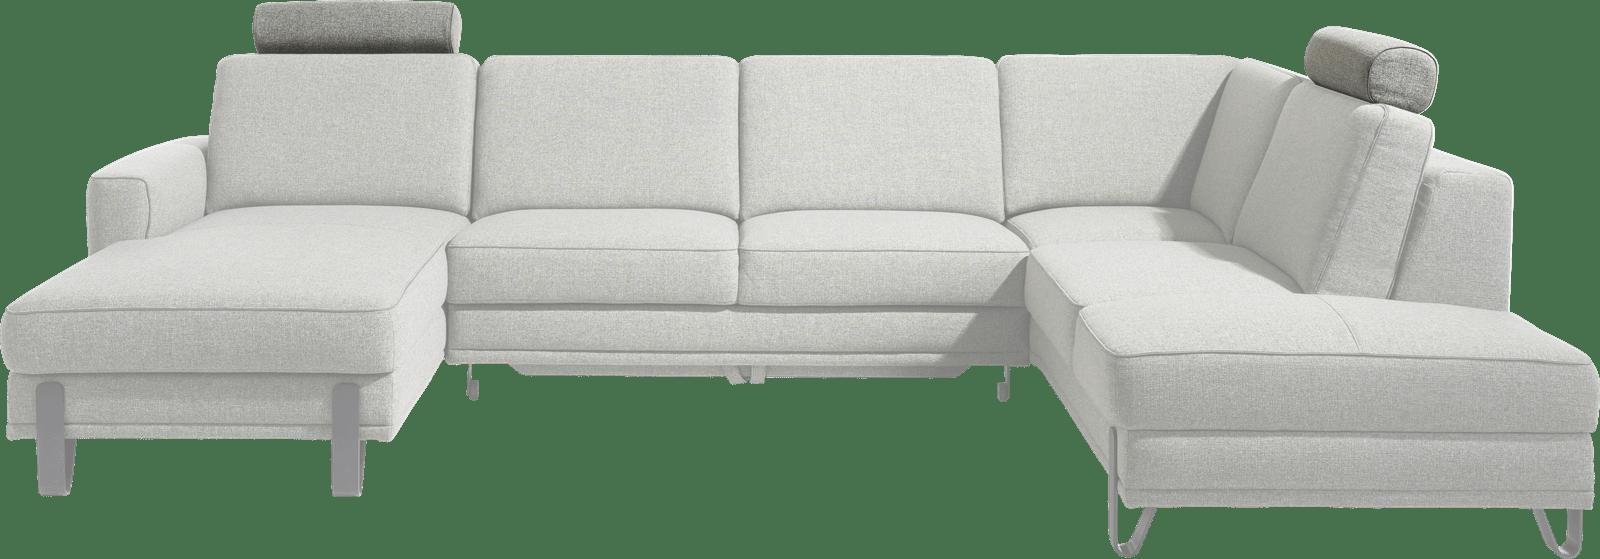 XOOON - Denver - Design minimaliste - Toutes les canapés - appui-tete